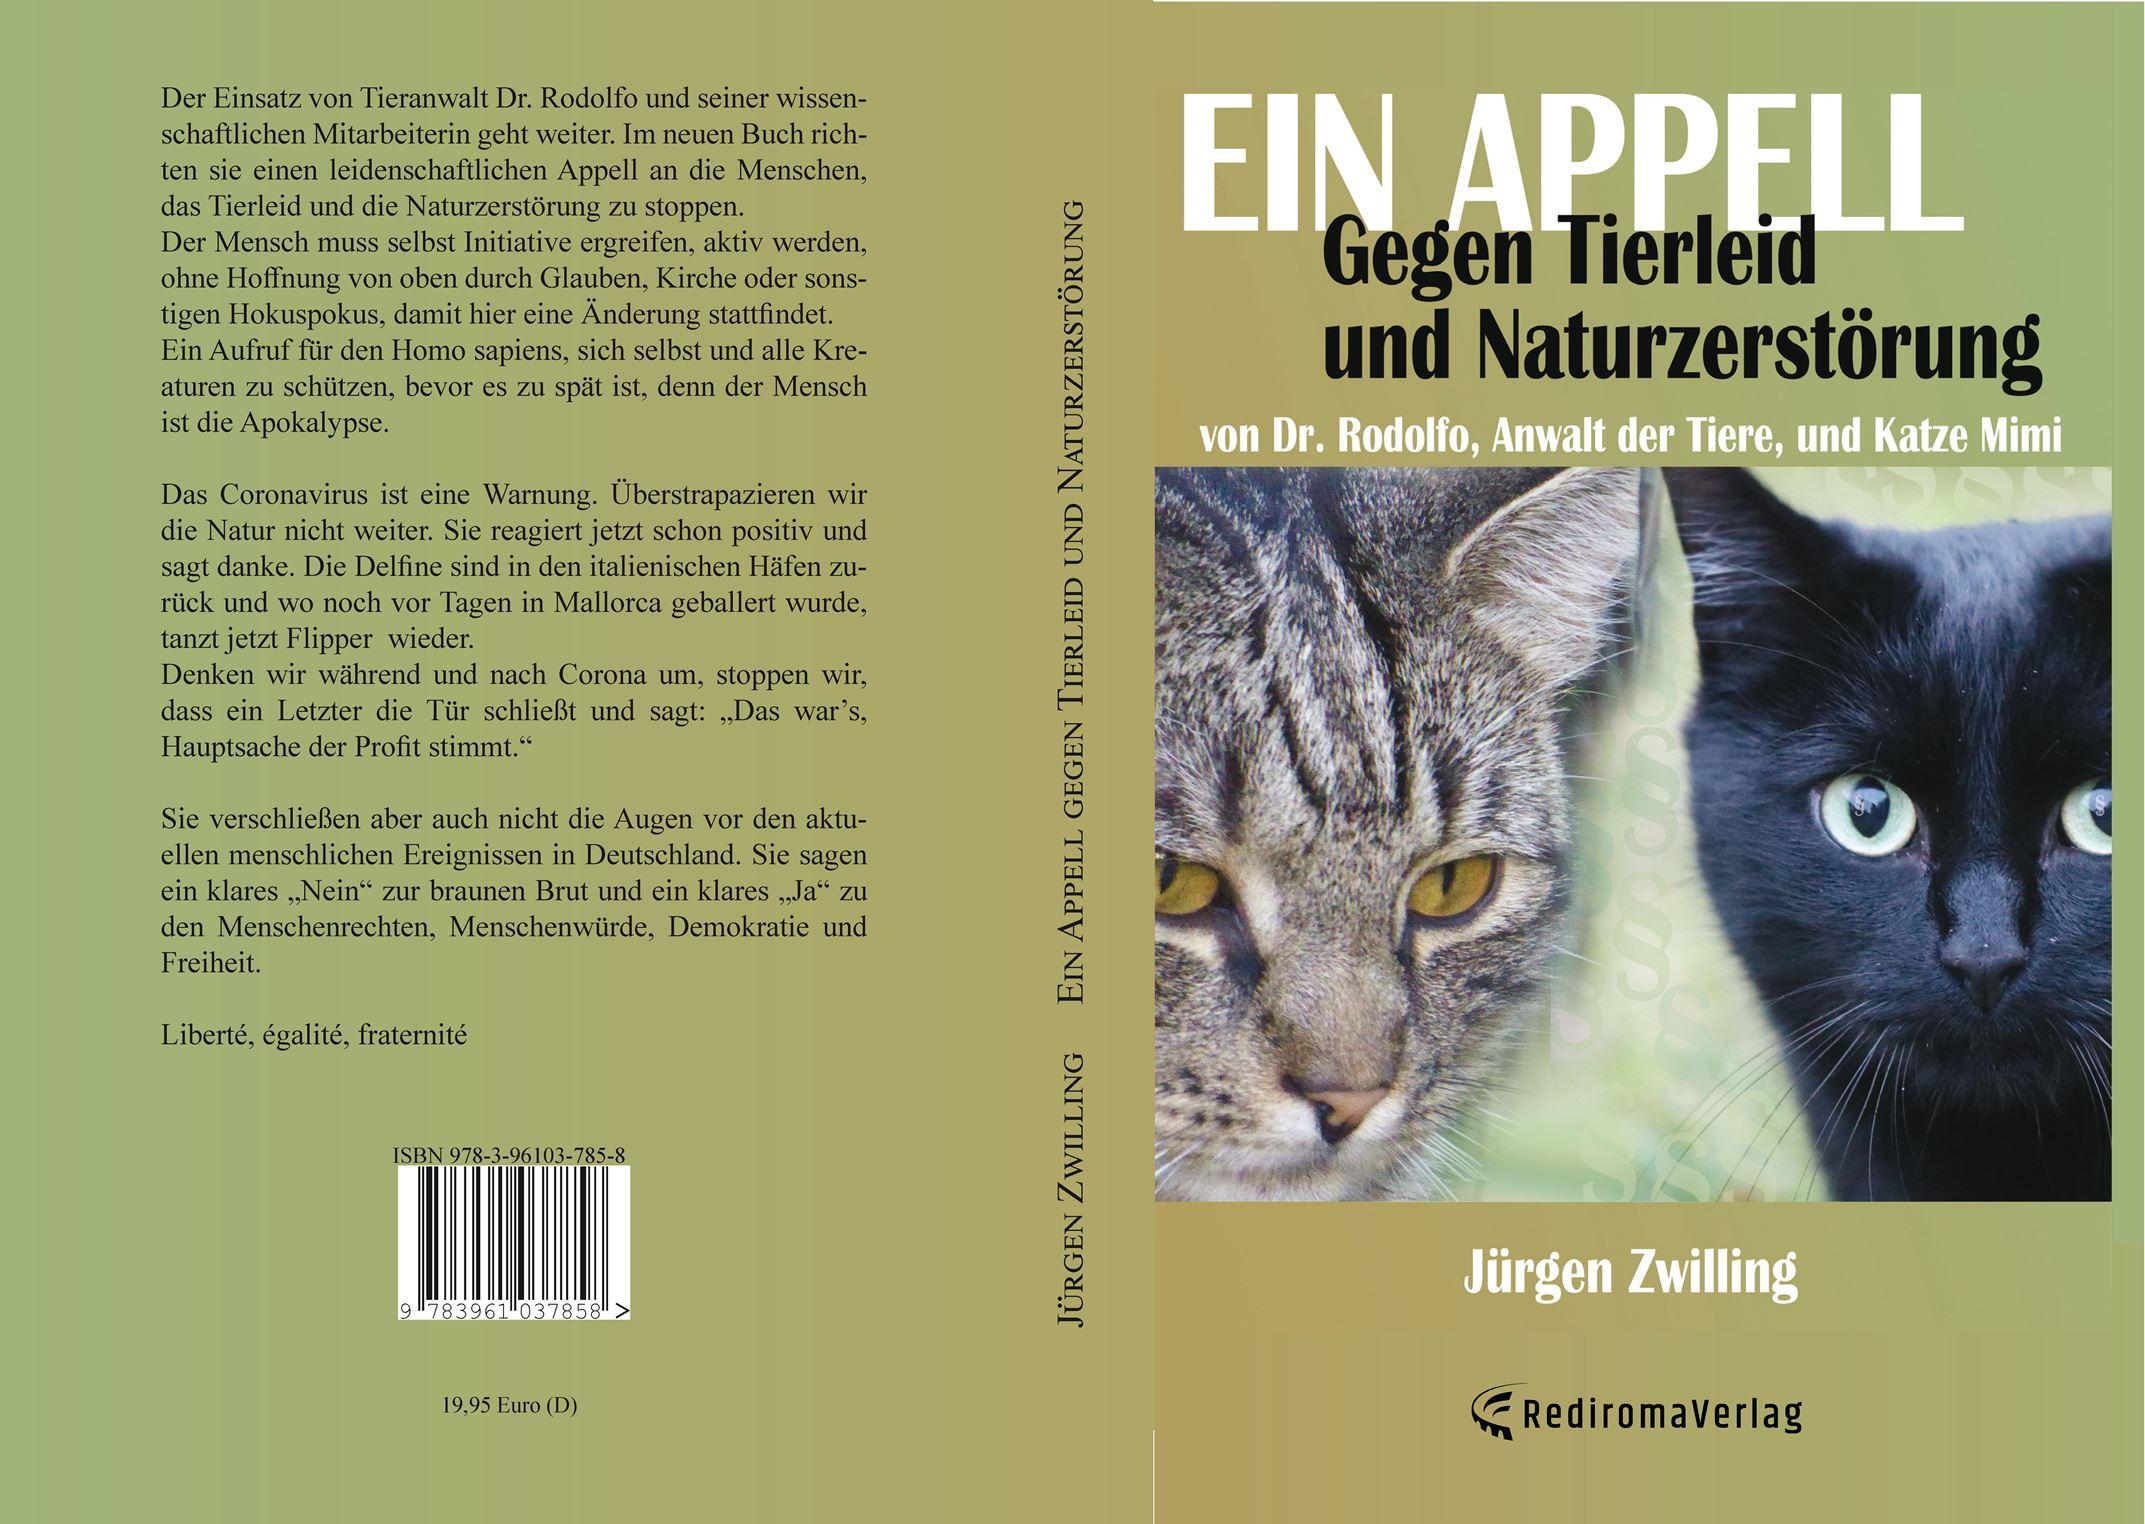 Ein Appell gegen Tierleid und Naturzerstörung